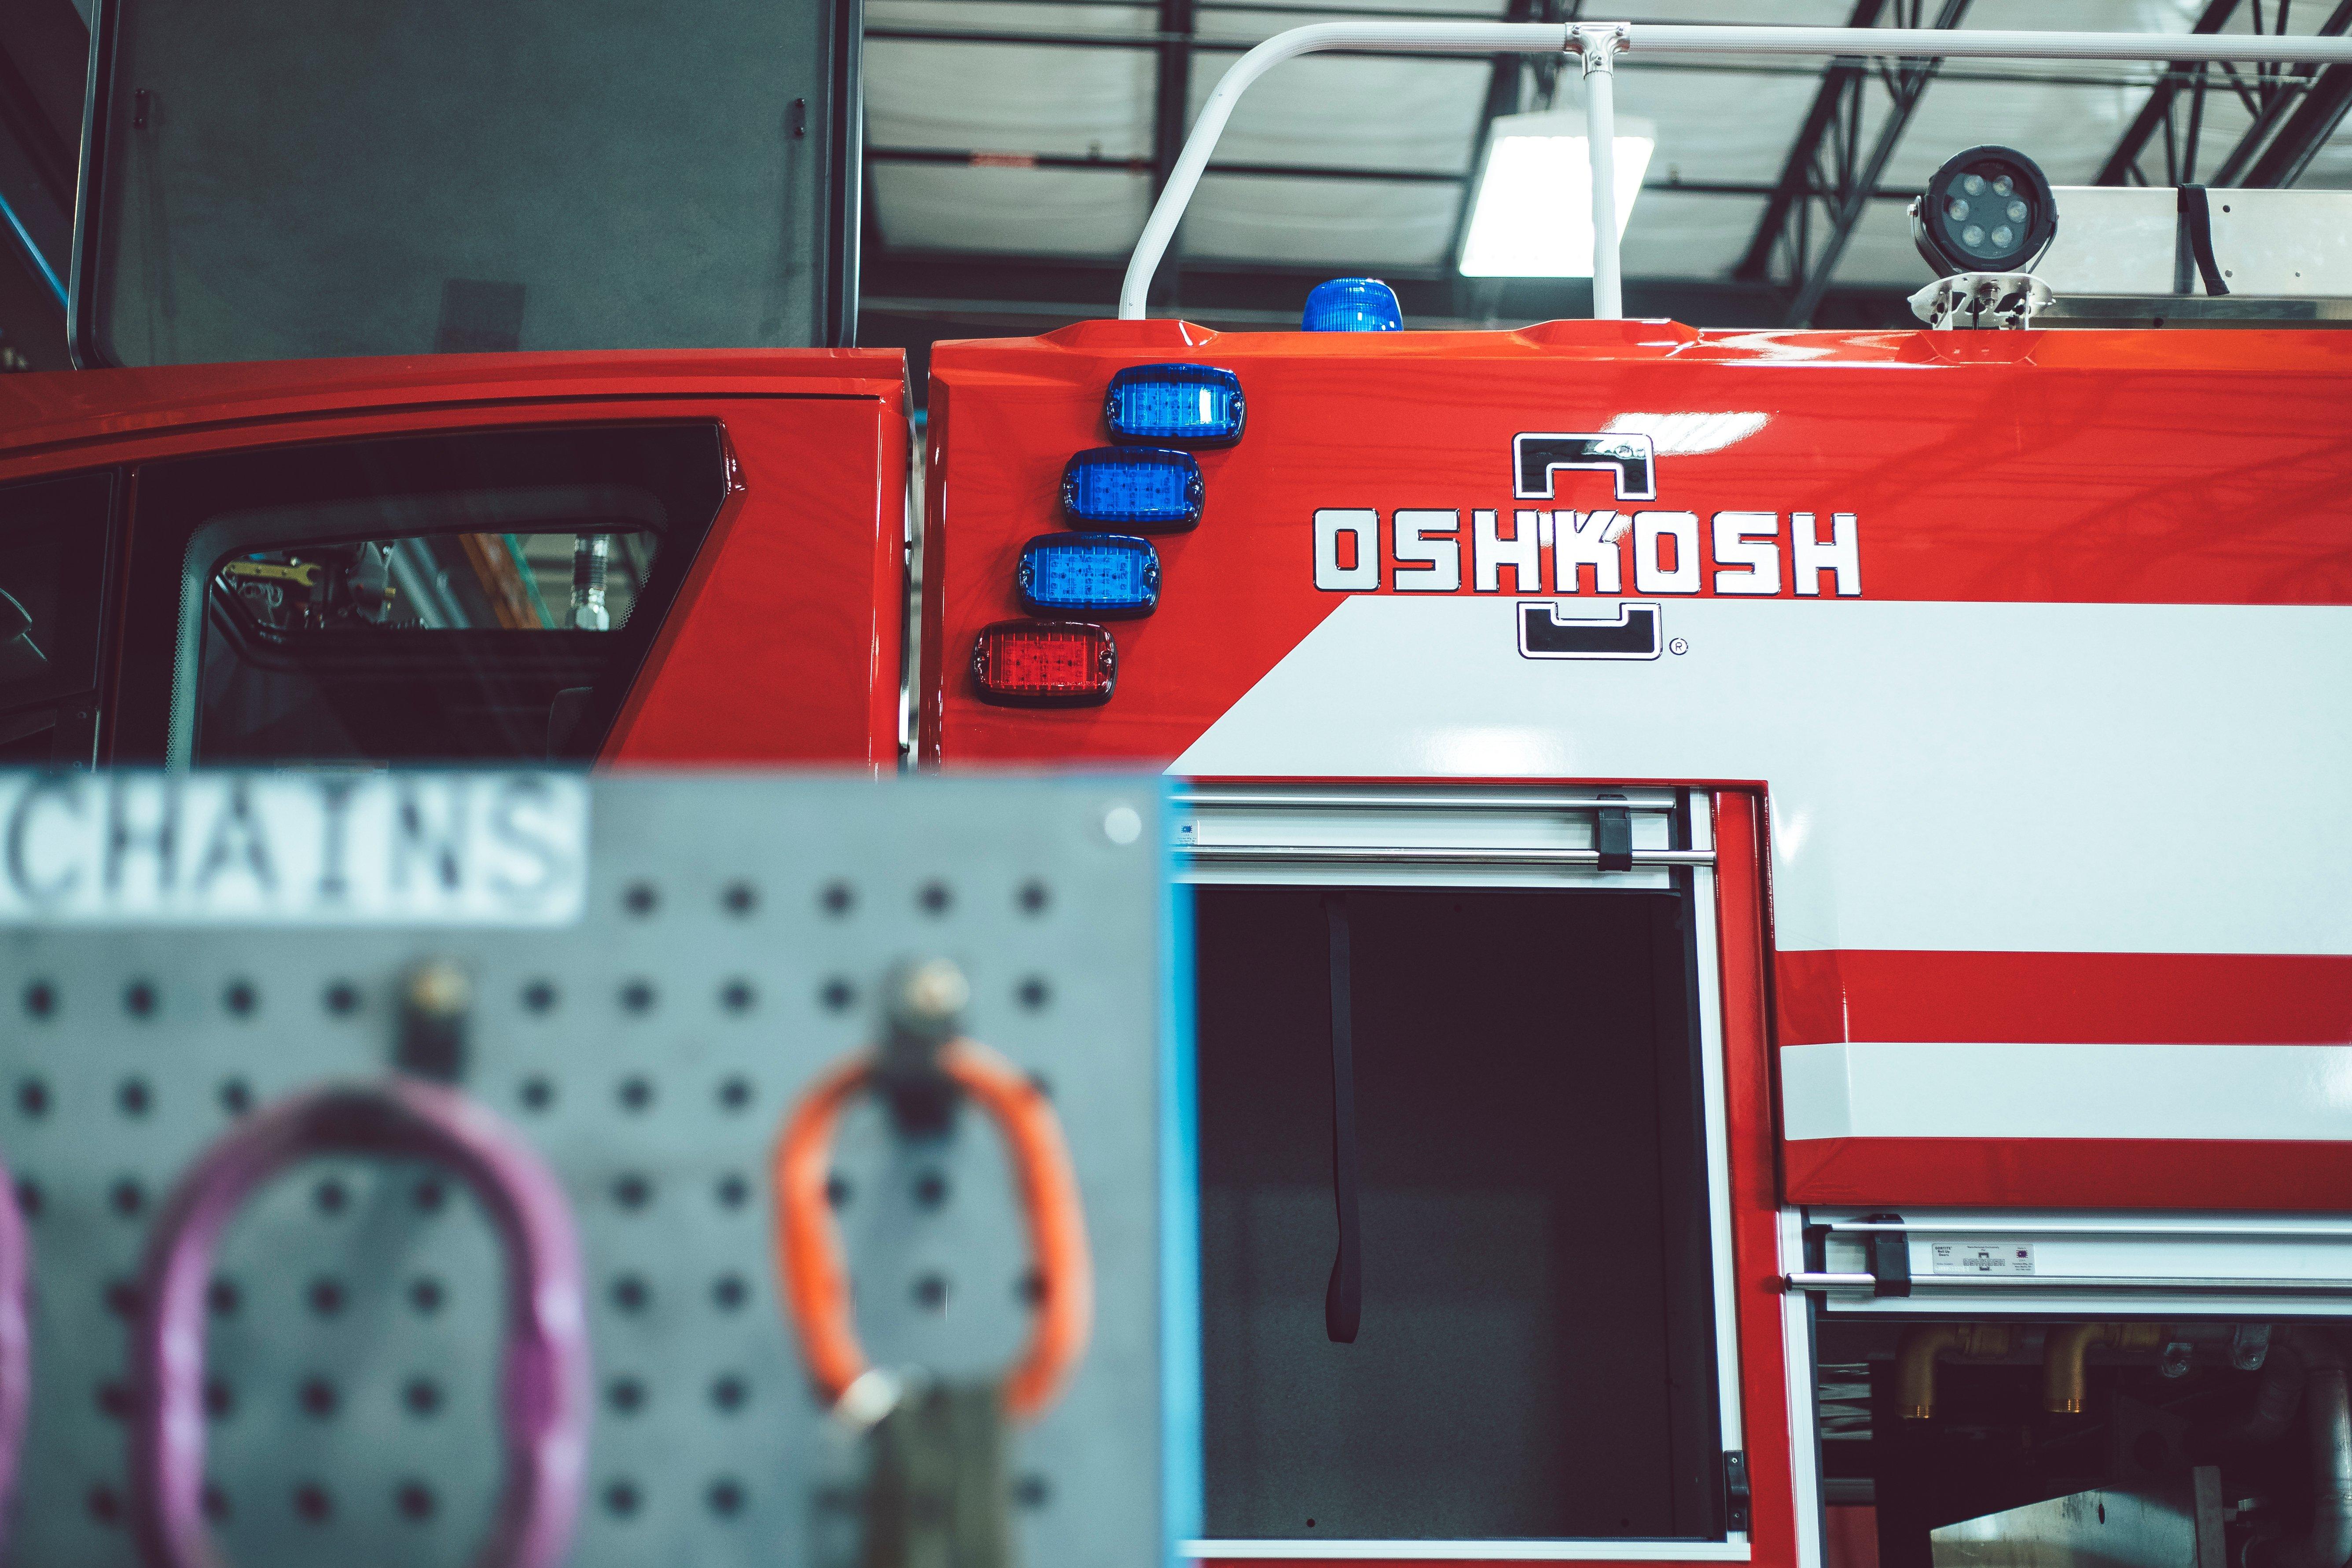 OSK_190904_F&E-Rebrand_968